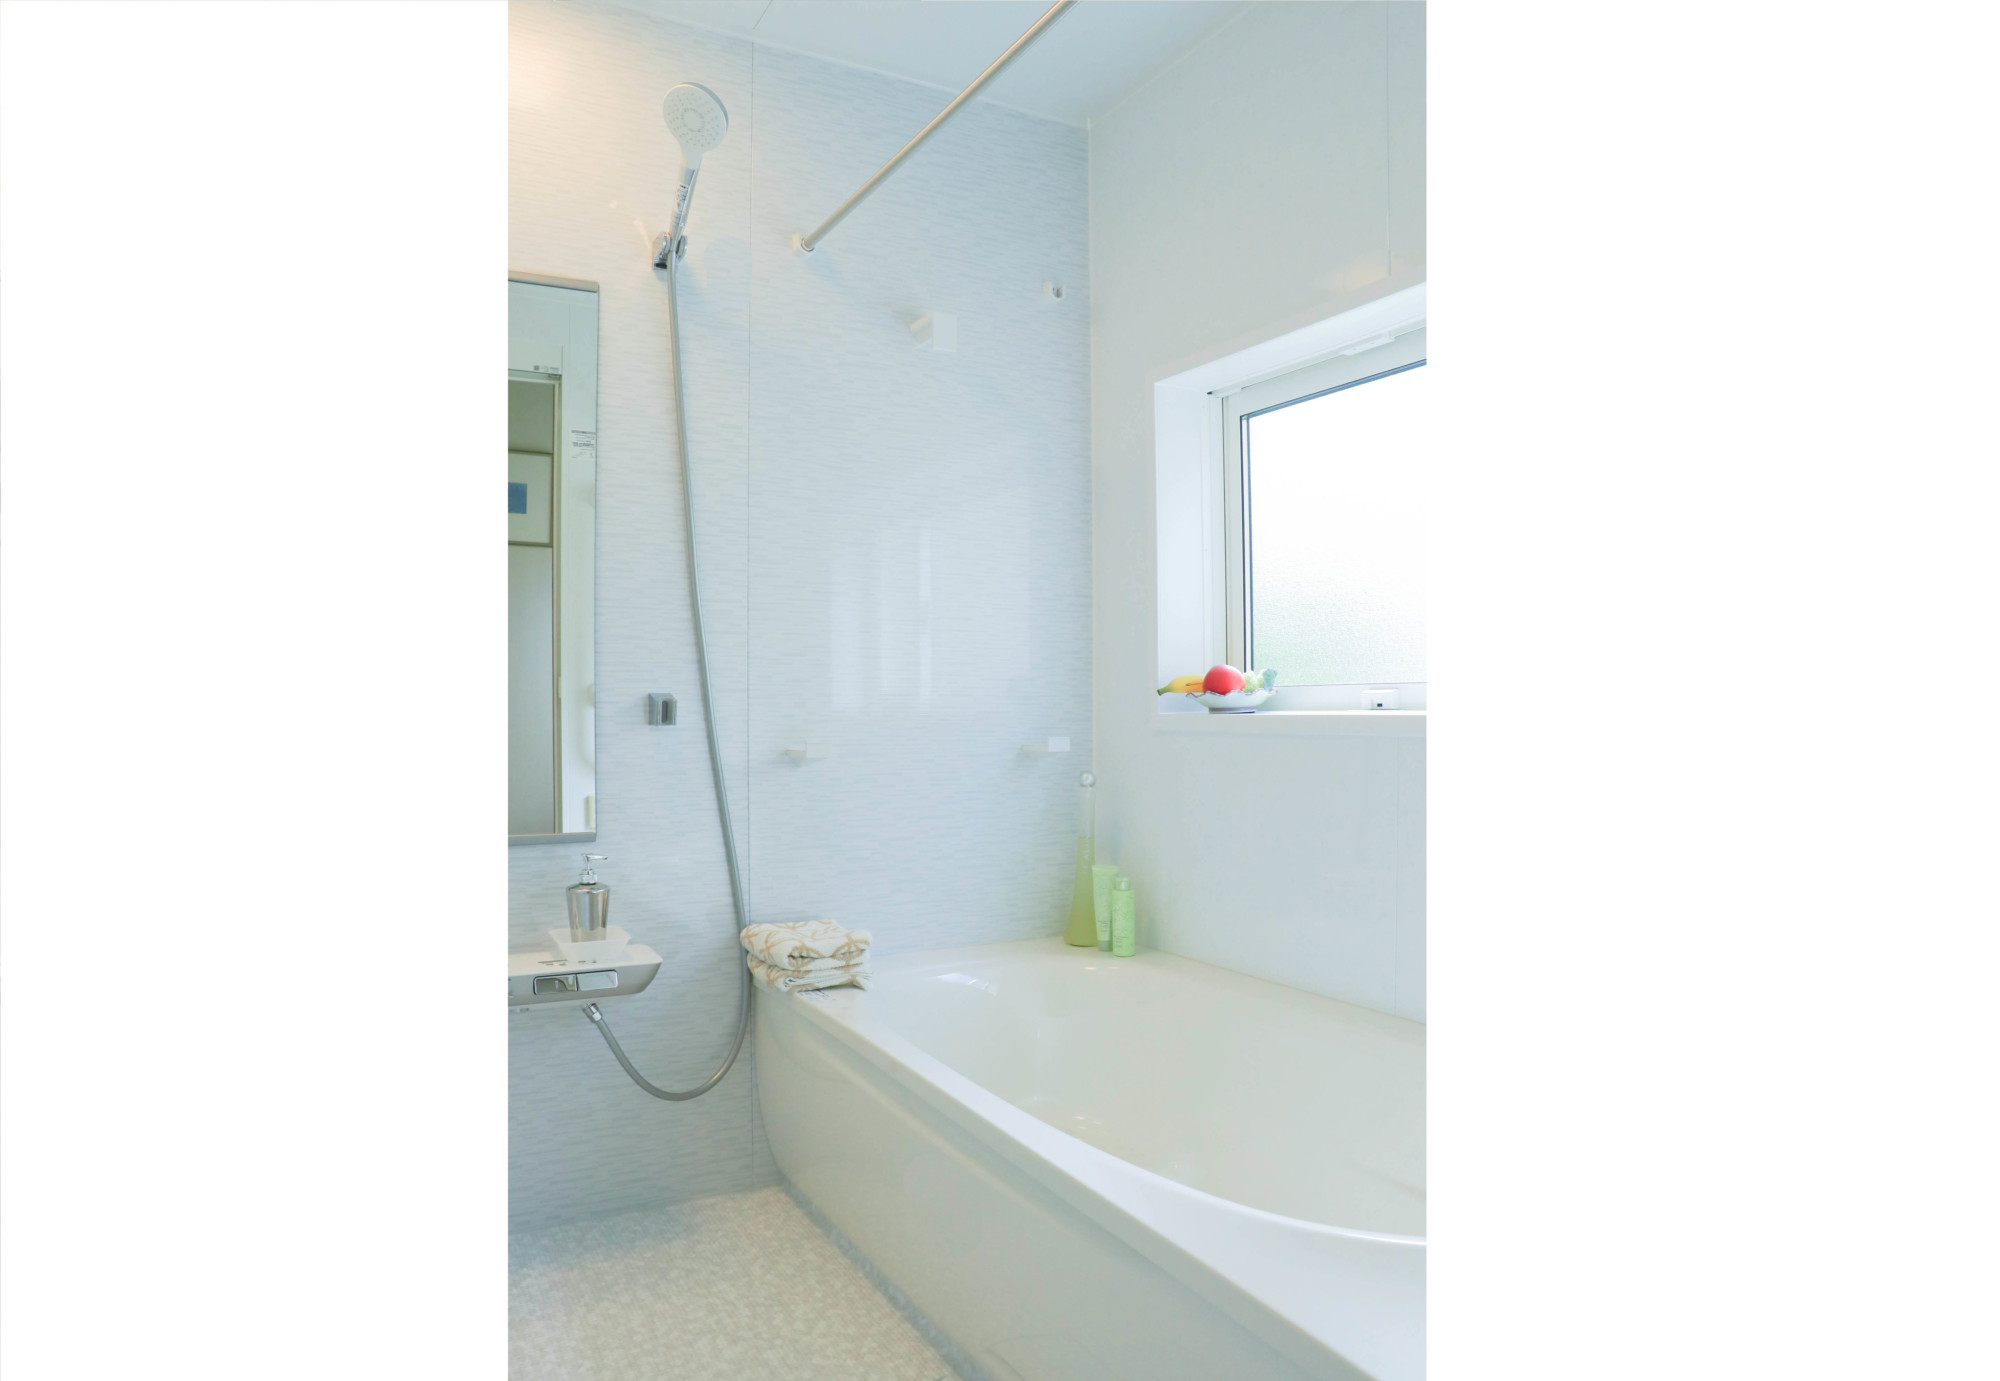 佐賀市伊勢町 M様 浴室改修工事『至福のひとときを過ごせる奥様こだわりのお風呂』